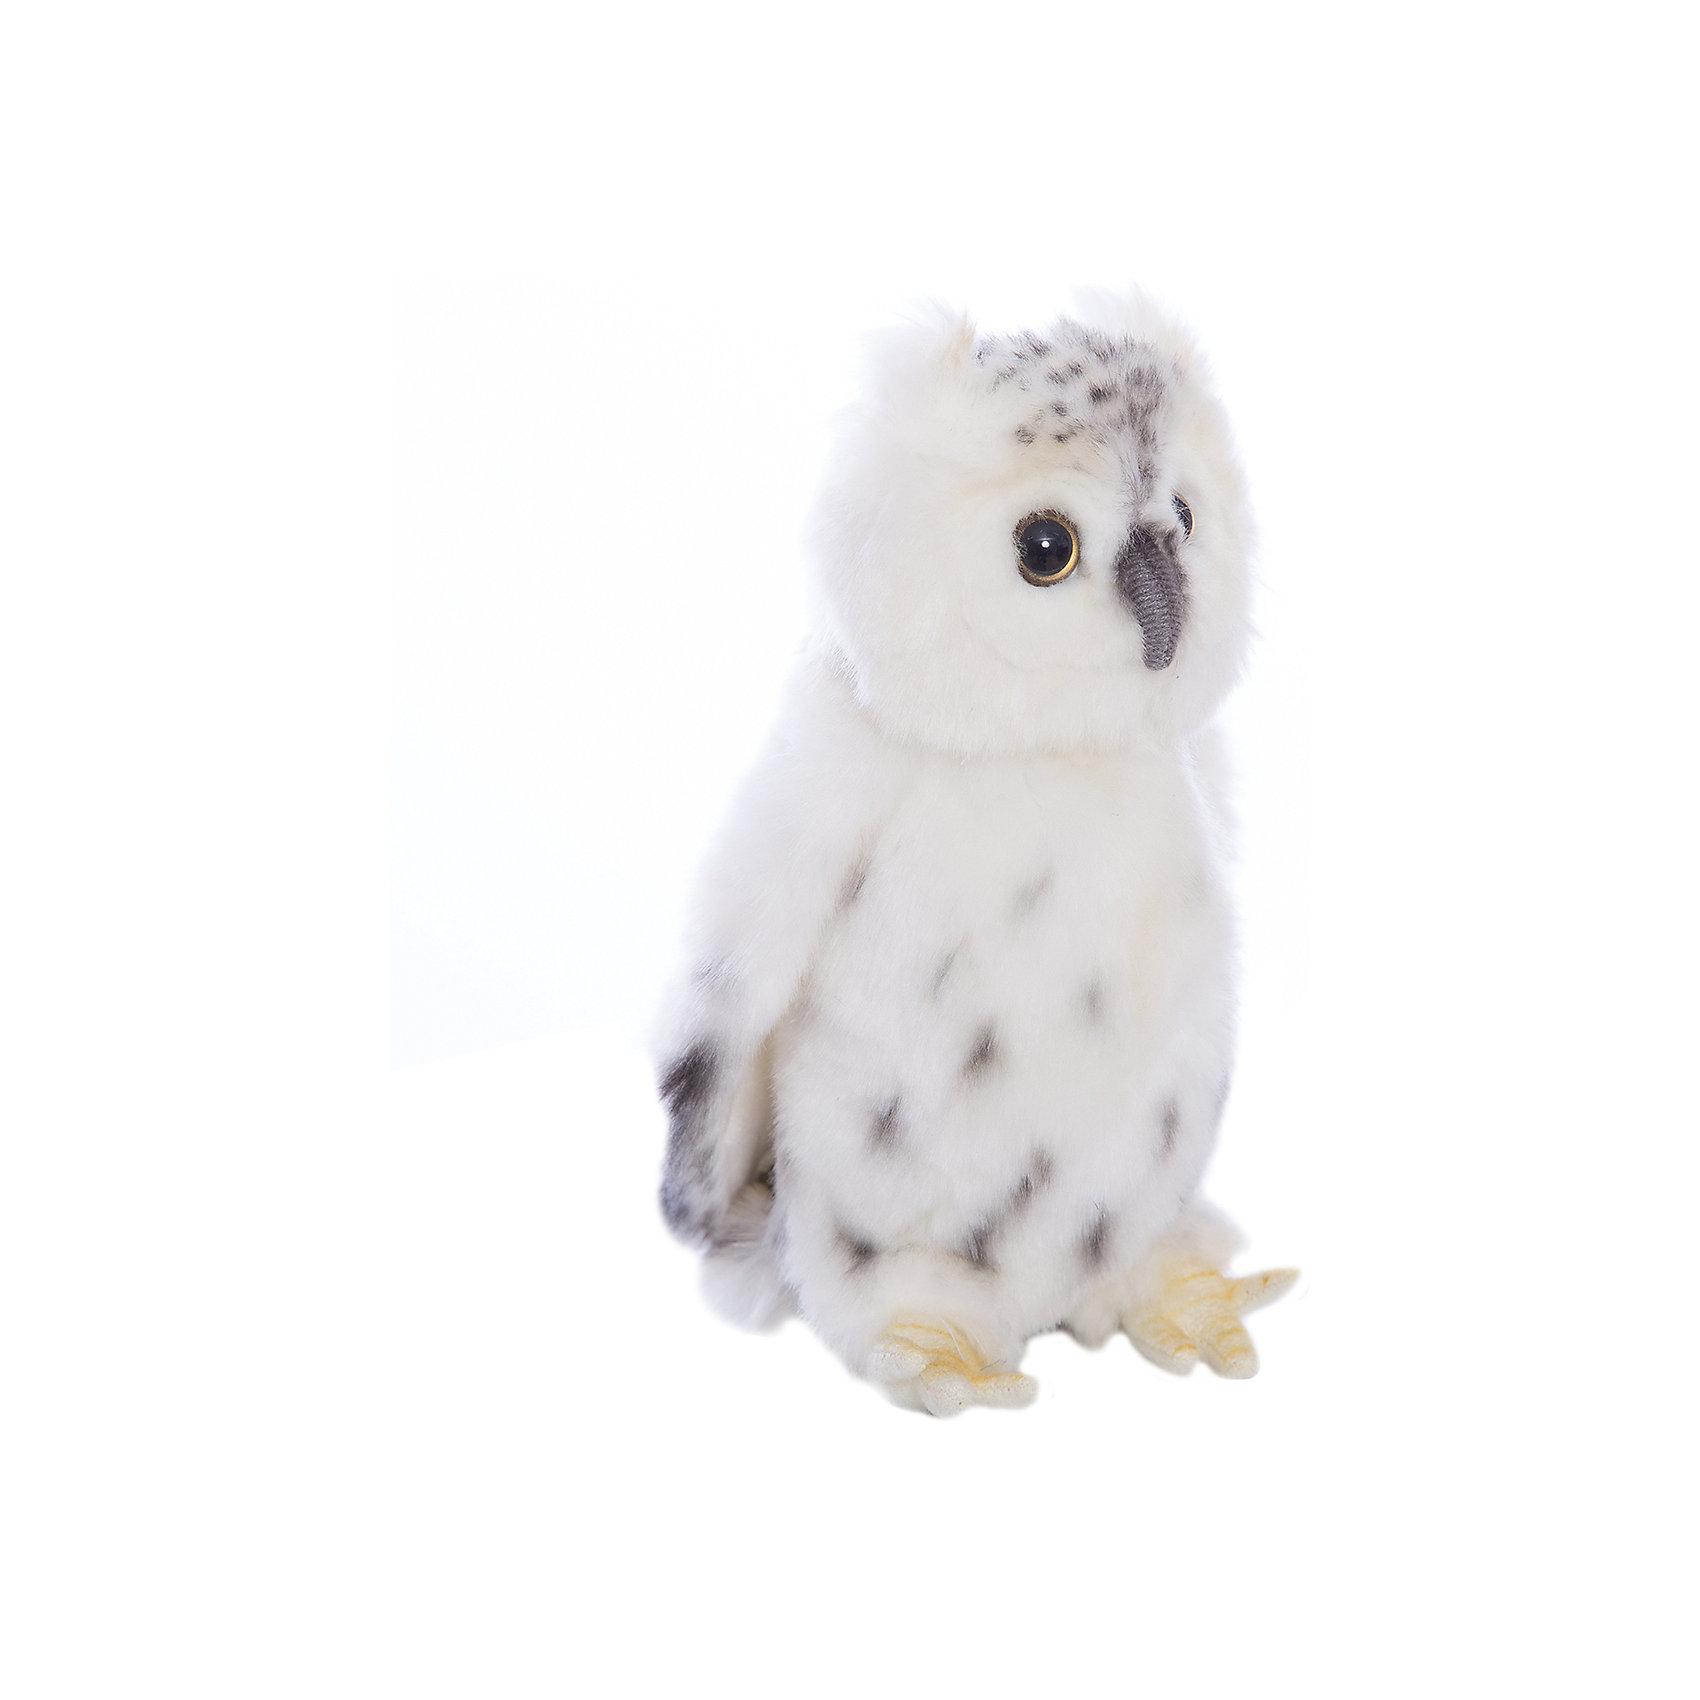 Белая сова, 18 смМягкие игрушки животные<br>Белая сова, 18 см – игрушка от знаменитого бренда Hansa, специализирующегося на выпуске мягких игрушек с высокой степенью натуралистичности. Внешний вид игрушечной совы полностью соответствует реальному прототипу – полярной сове. Игрушка выполнена из светлого меха с коротким ворсом, обладает гипоаллергенными свойствами. Внутри имеется металлический каркас, который позволяет изменять положение. Игрушка относится к серии Хищные птицы. <br>Мягкие игрушки от Hansa подходят для сюжетно-ролевых игр или для обучающих игр. Кроме того, их можно использовать в качестве интерьерных игрушек. Игрушки от Hansa будут радовать вашего ребенка долгое время, так как ручная работа и качественные материалы гарантируют их долговечность и прочность.<br><br>Дополнительная информация:<br><br>- Вид игр: сюжетно-ролевые игры, коллекционирование, интерьерные игрушки<br>- Предназначение: для дома, для детских развивающих центров, для детских садов<br>- Материал: искусственный мех, наполнитель ? полиэфирное волокно<br>- Размер (ДхШхВ): 18*10*10 см<br>- Вес: 300 г<br>- Особенности ухода: сухая чистка при помощи пылесоса или щетки для одежды<br><br>Подробнее:<br><br>• Для детей в возрасте: от 3 лет <br>• Страна производитель: Филиппины<br>• Торговый бренд: Hansa<br><br>Белую сову, 18 см можно купить в нашем интернет-магазине.<br><br>Ширина мм: 18<br>Глубина мм: 10<br>Высота мм: 10<br>Вес г: 300<br>Возраст от месяцев: 36<br>Возраст до месяцев: 2147483647<br>Пол: Унисекс<br>Возраст: Детский<br>SKU: 4927224